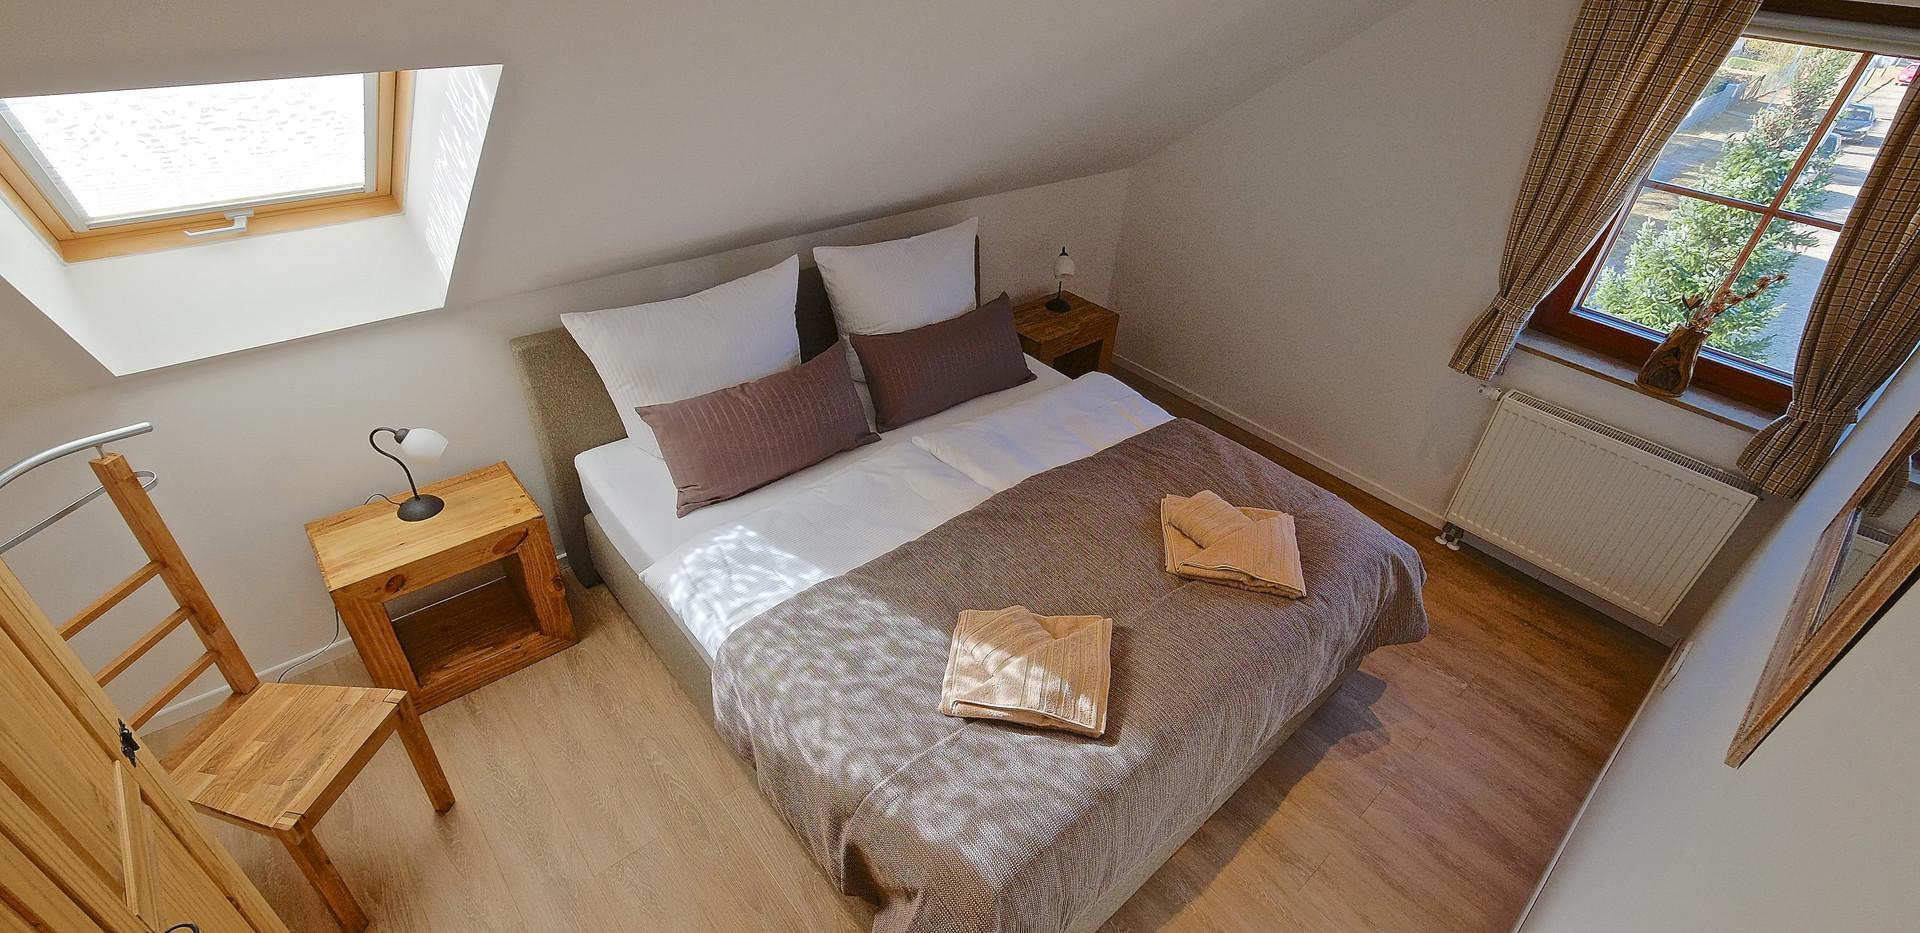 Schlafzimmer 2- DG.JPG